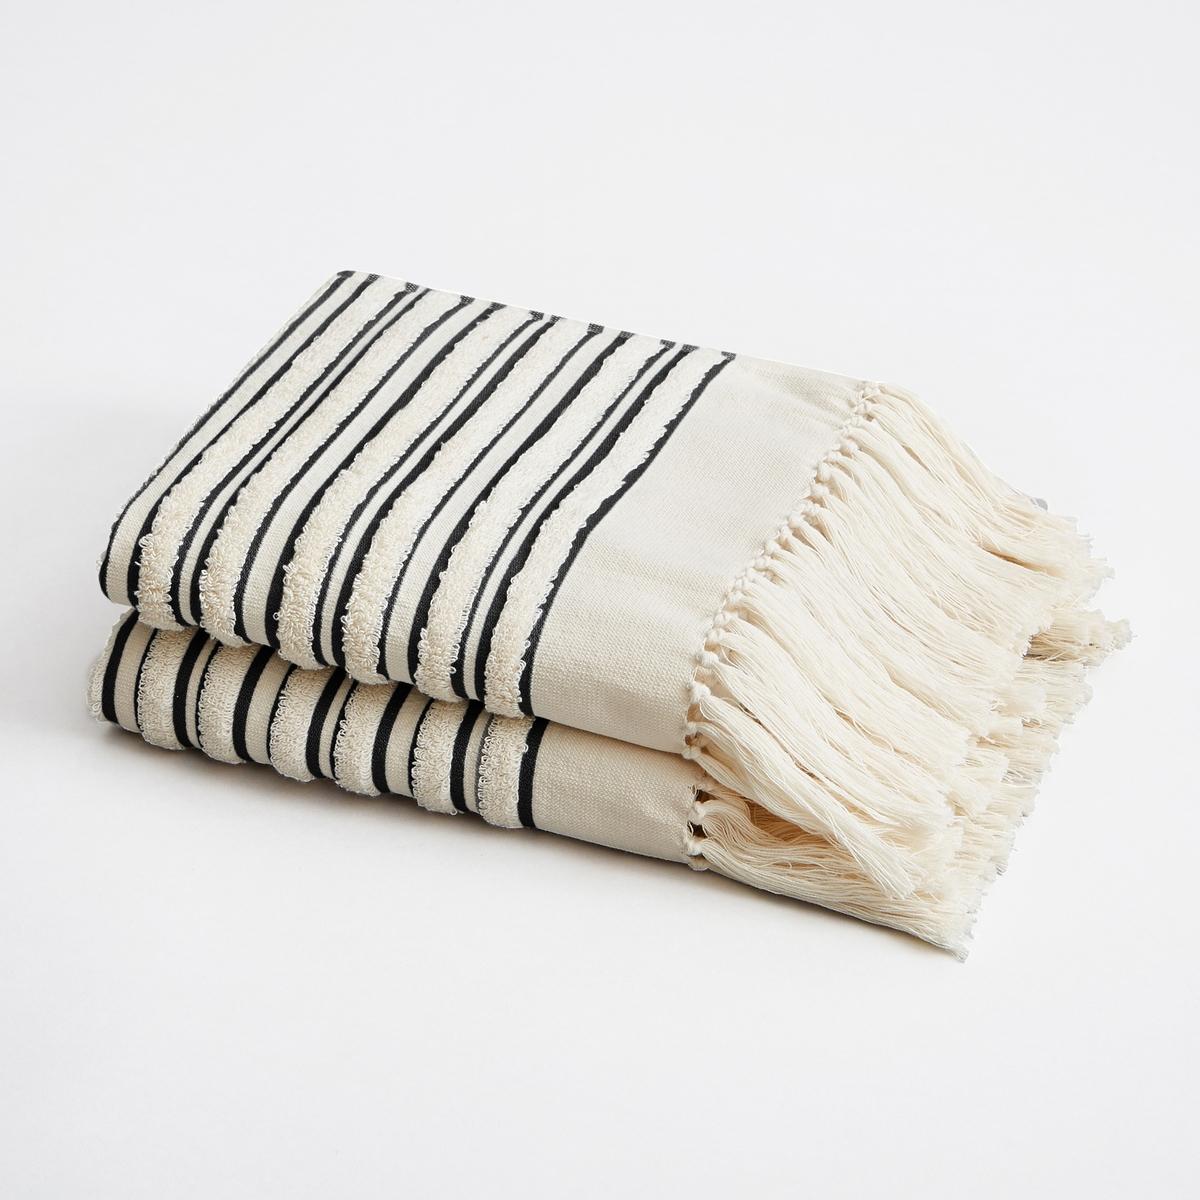 Полотенце  Kupigwa By V. Barkowski (x2)Материал :- Махровая ткань букле из 100% хлопка, 580 г/м?.- Горизонтальные полосы из окрашенной ткани .Отделка :- Отделка бахромой с узелками.Уход: :- Машинная стирка при 40 °С.Размеры : - 50 x 100 см<br><br>Цвет: серый,черный,ягодный потертый